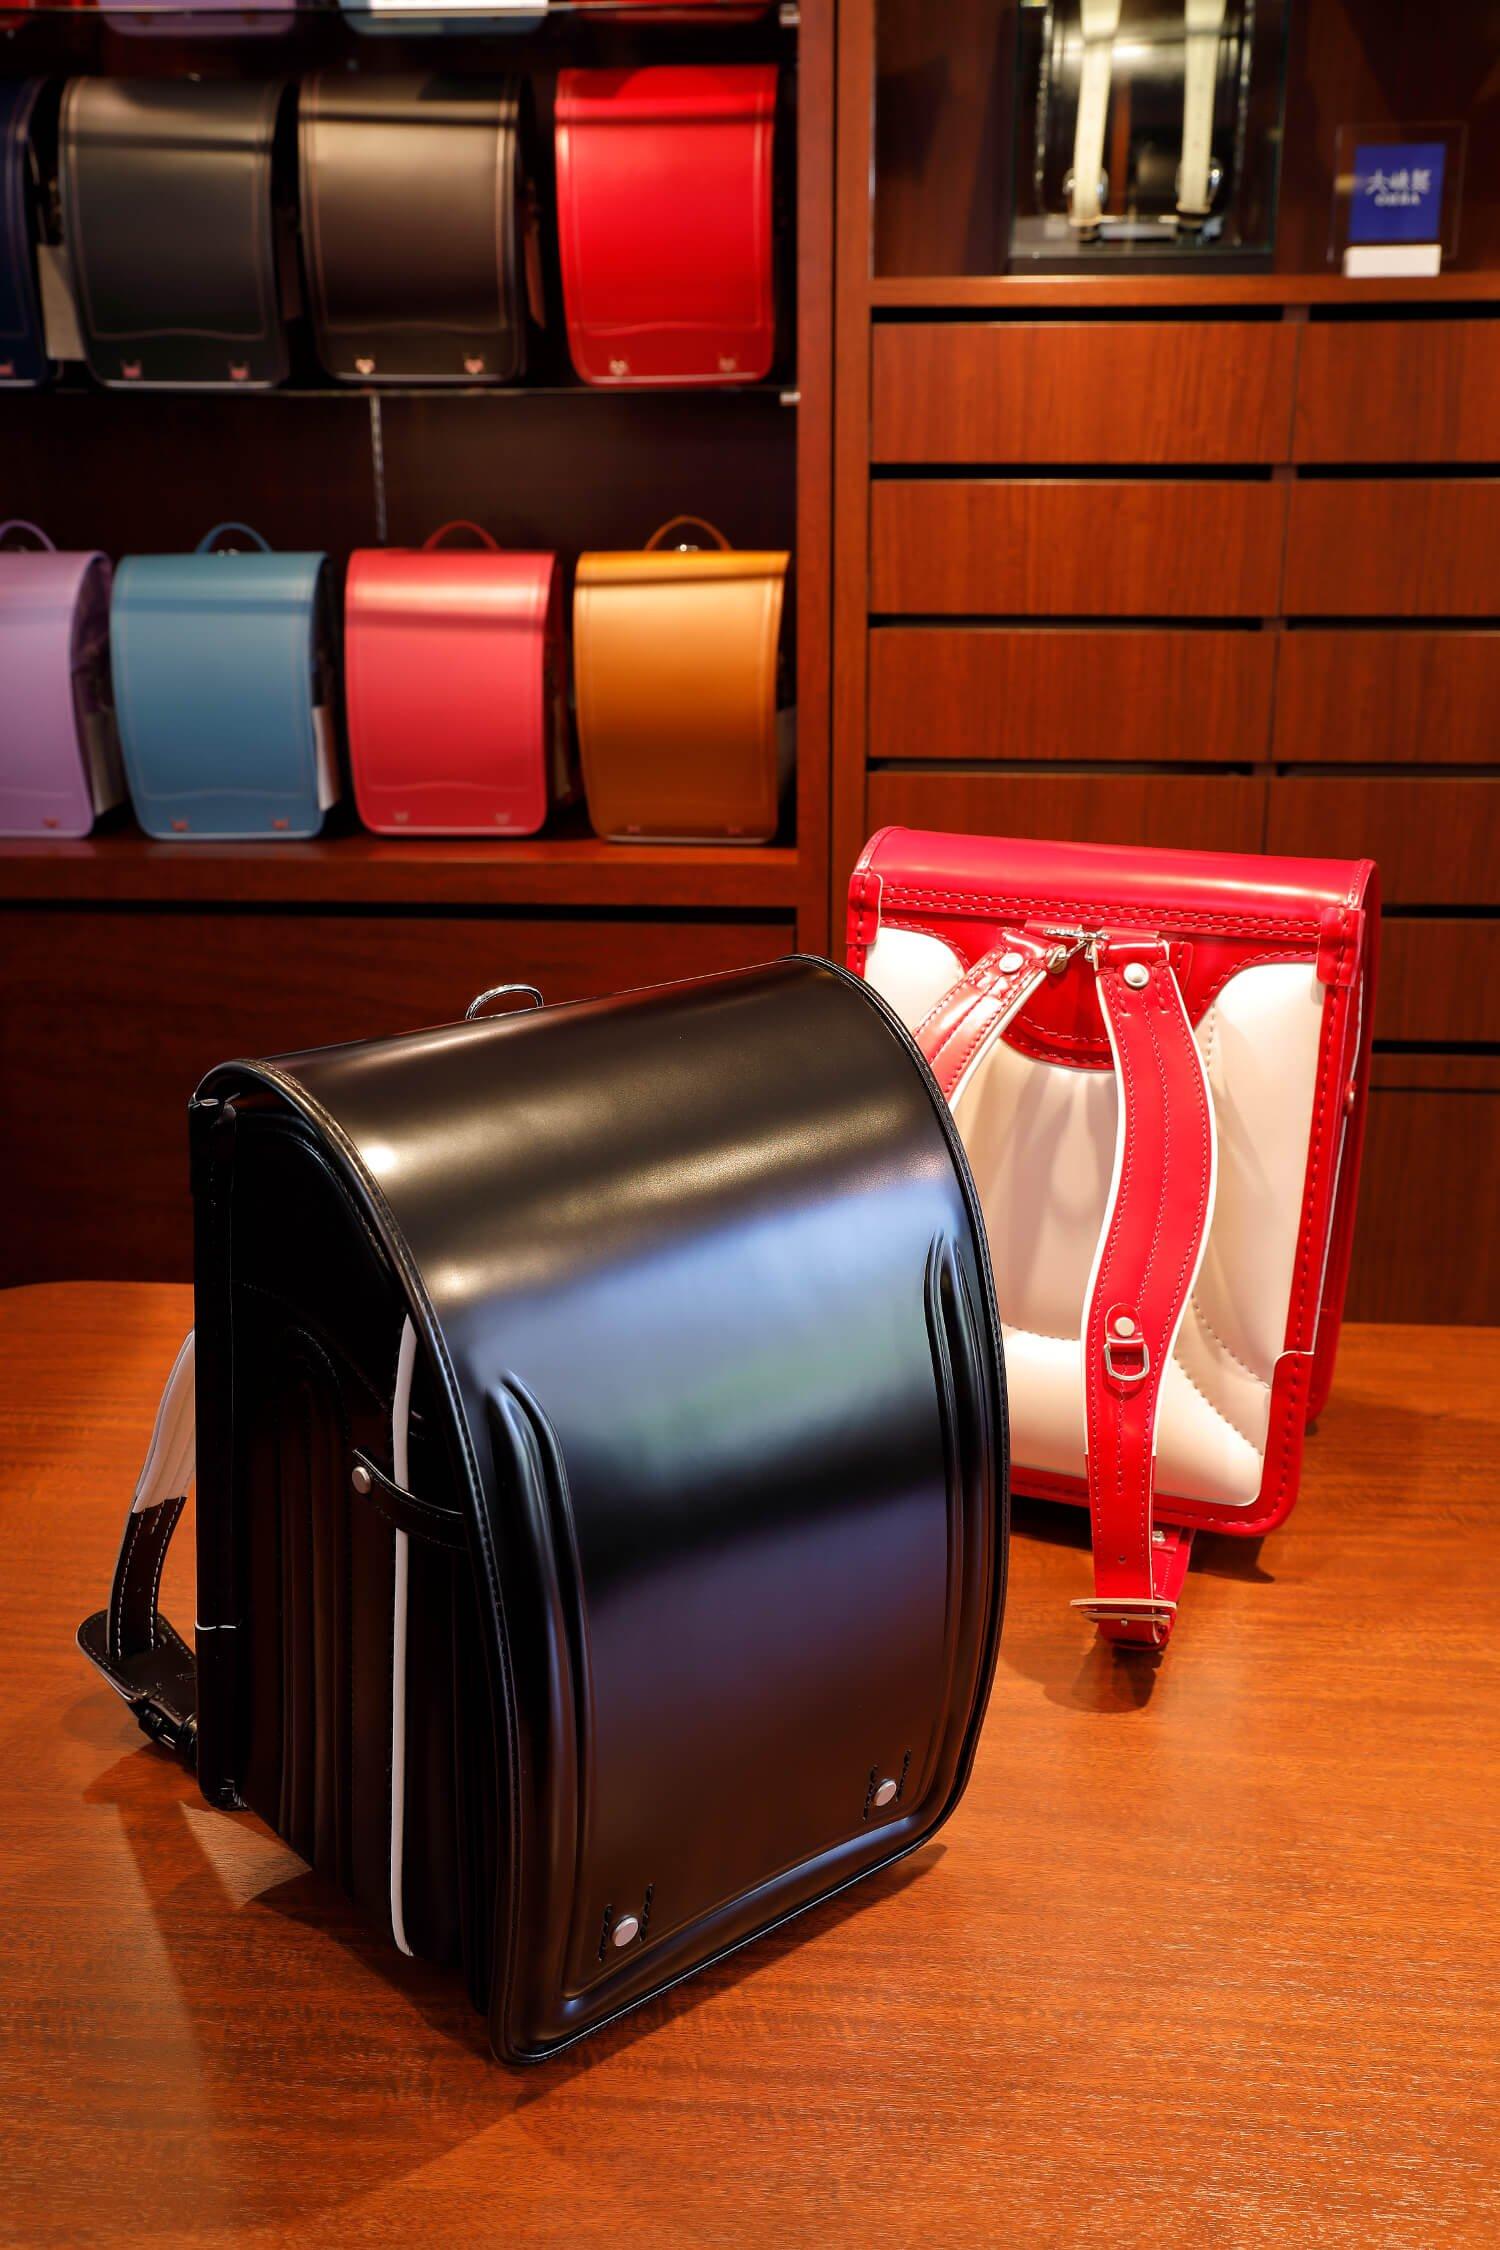 総コードバン(艶あり)・プレミアム 18万7000円(黒、赤)。素材選びから縫製(重要箇所は手縫い)、取り付けまで妥協なしの最高級品だ。